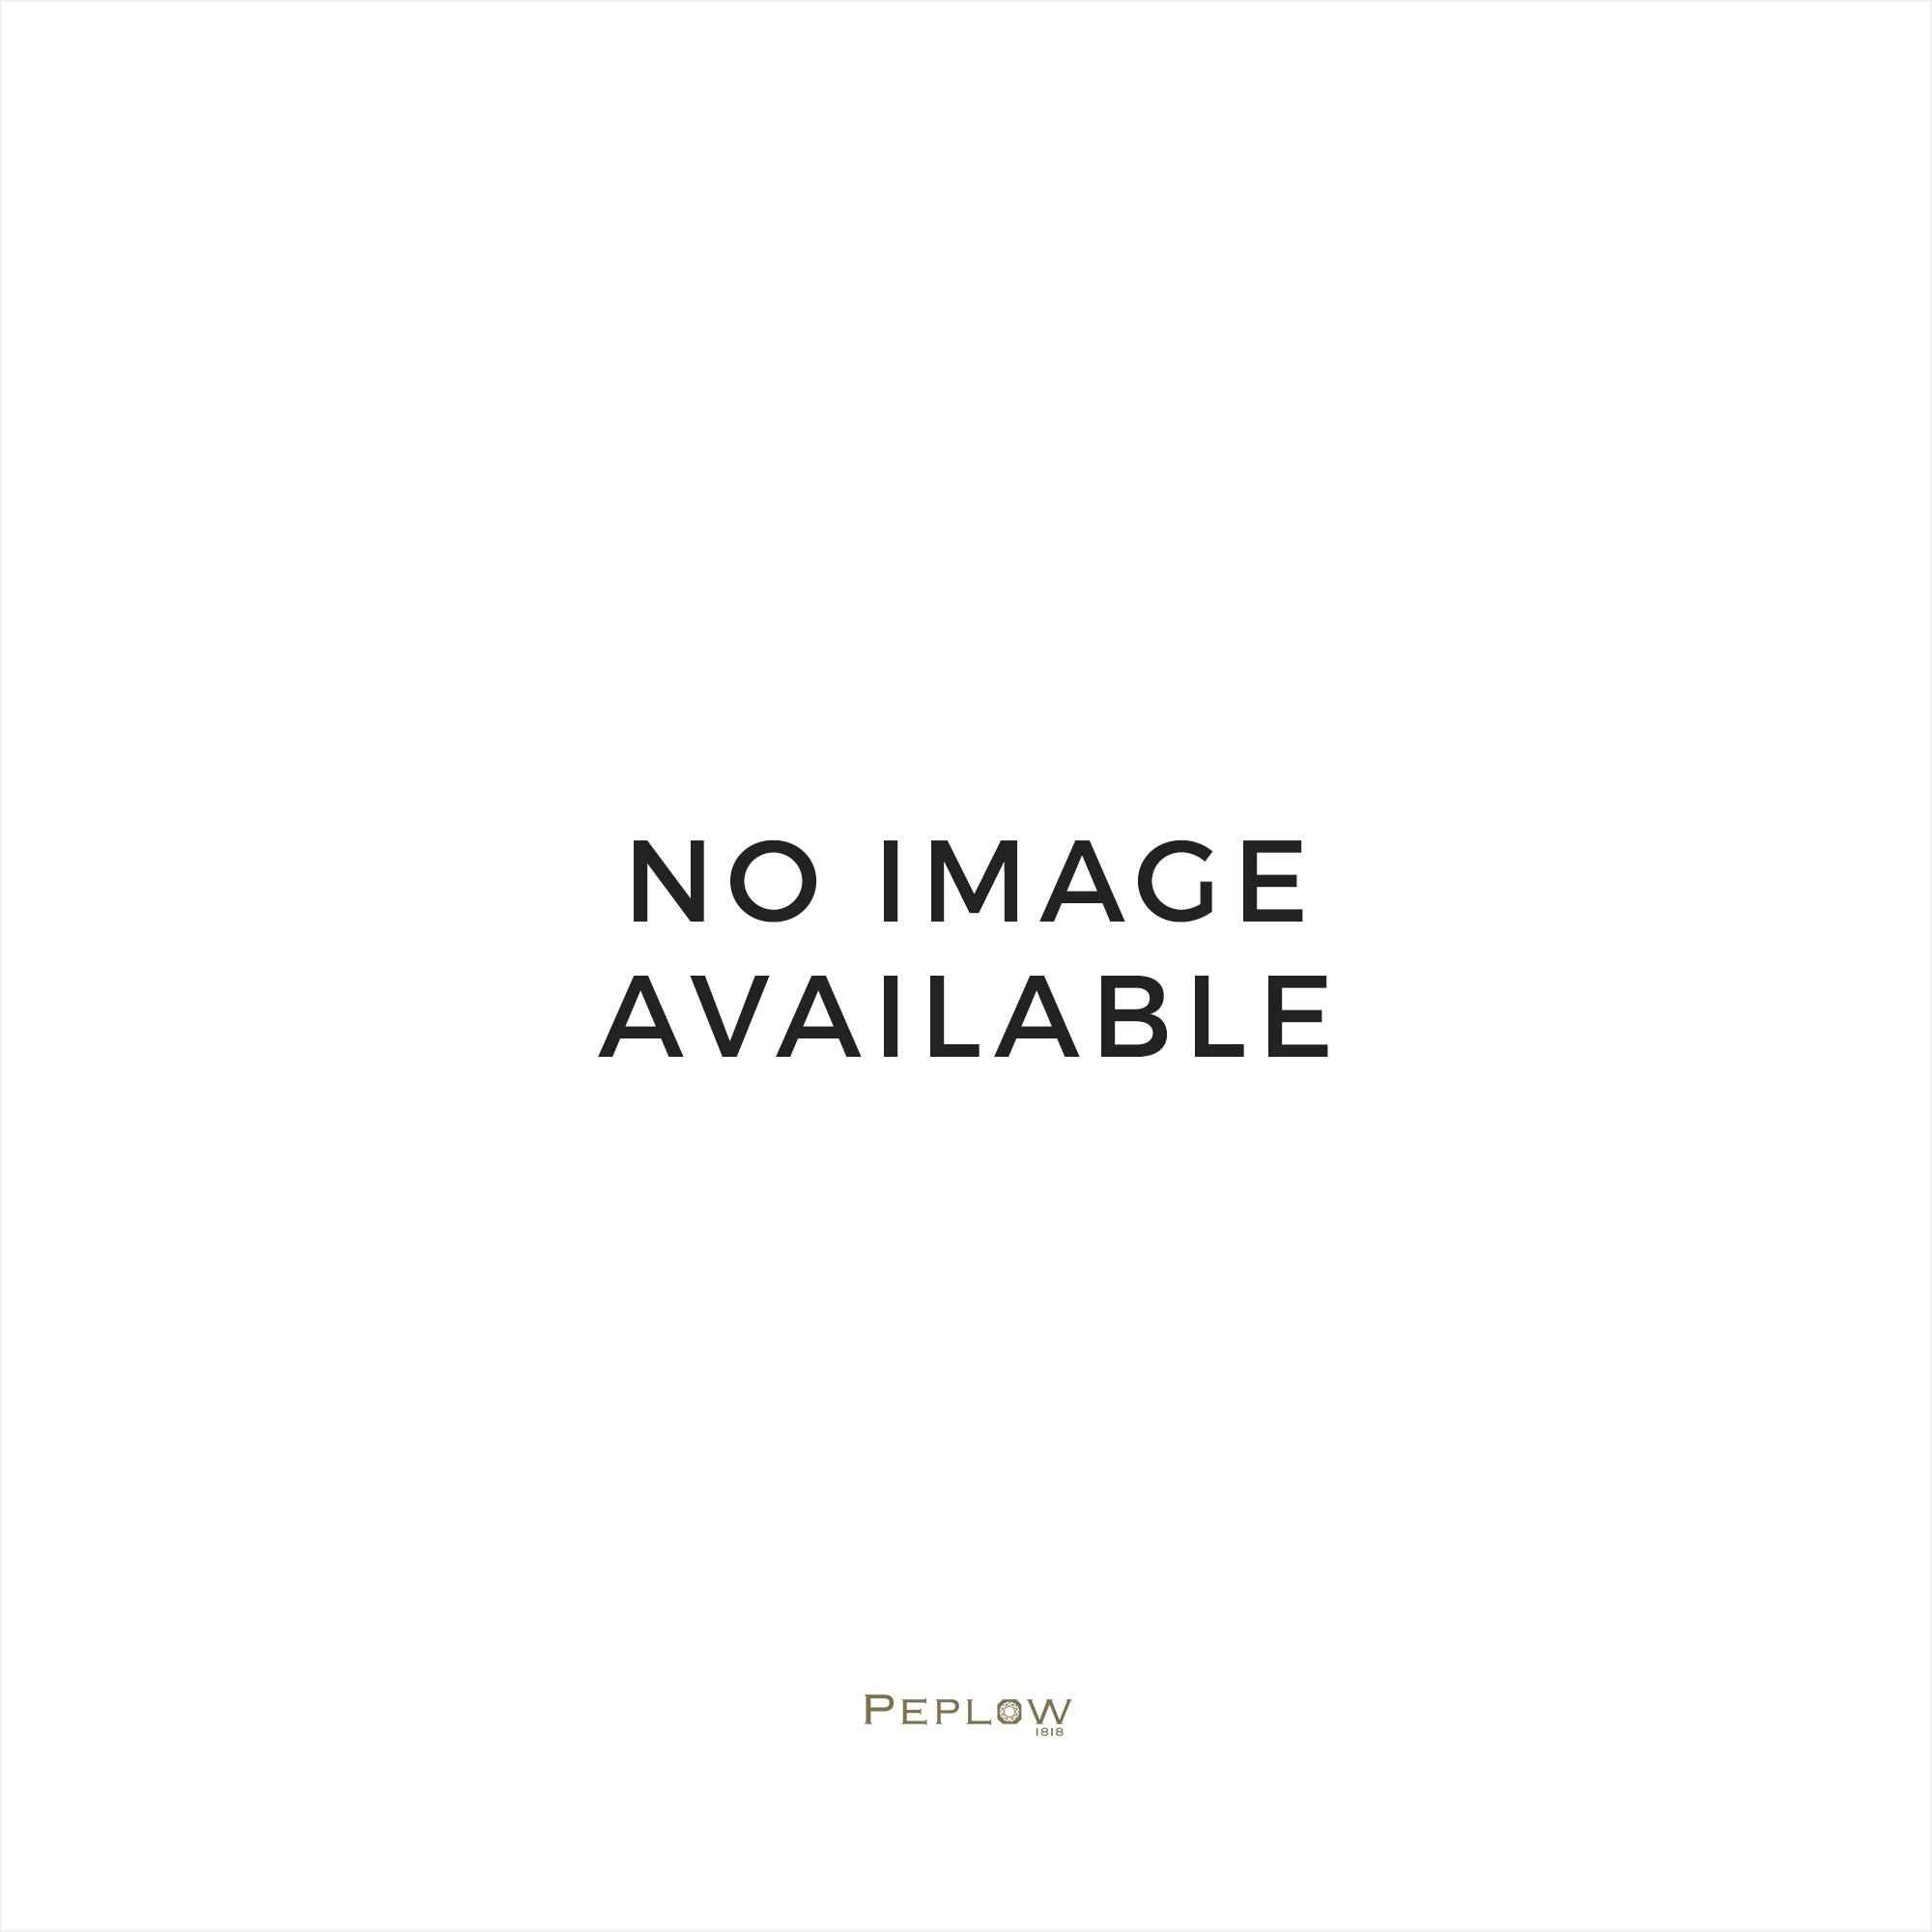 Citizen Watches Ladies Citizen Eco-Drive MOP diamond dial EW1934-59D